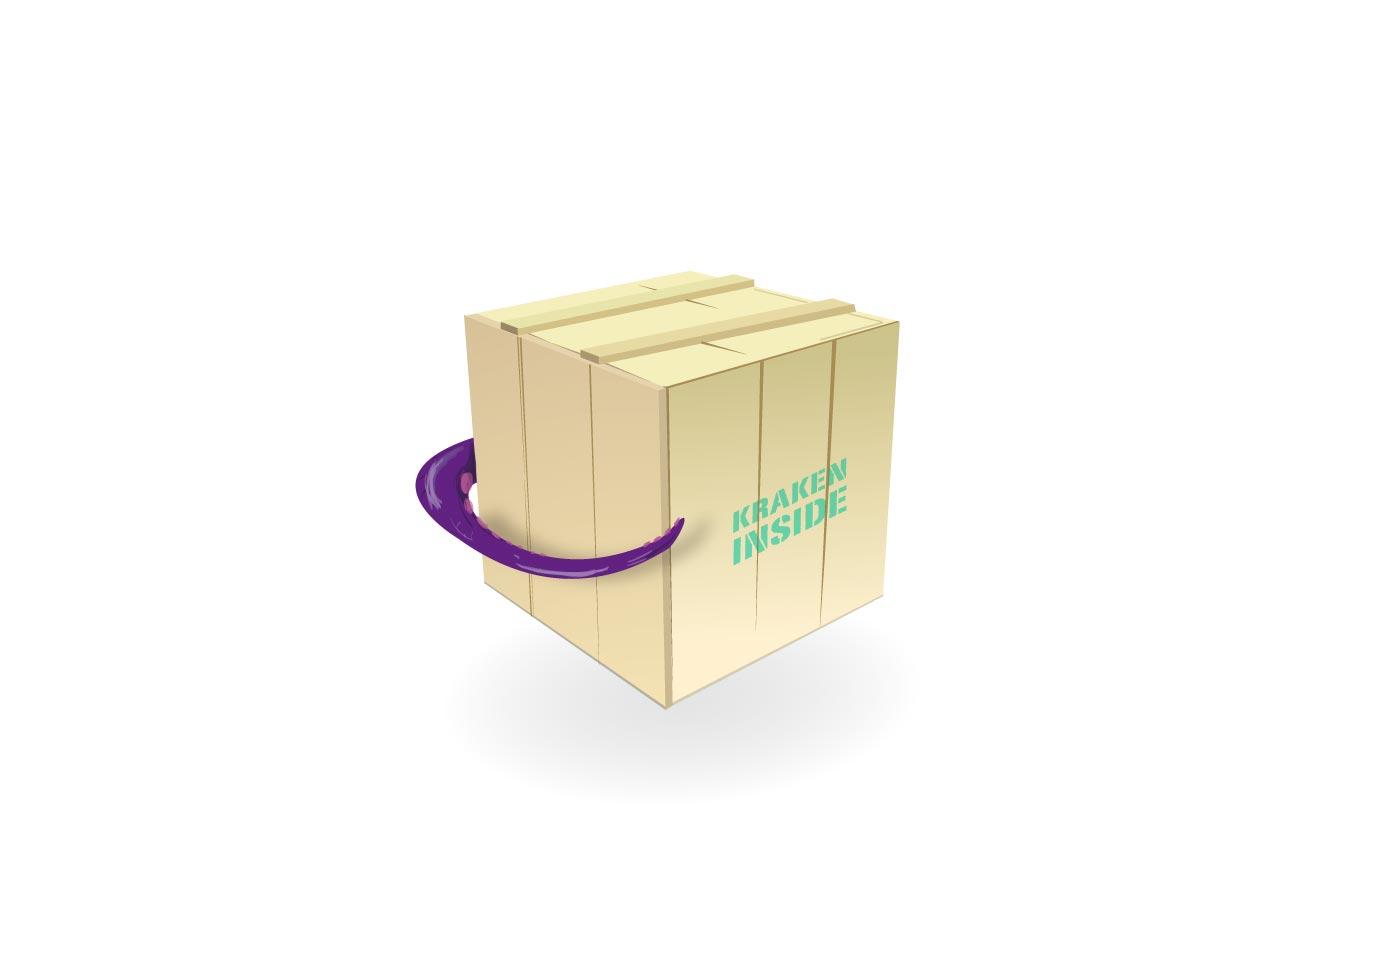 KRAKEN Wood Box Vector | Free Vector Art at Vecteezy!